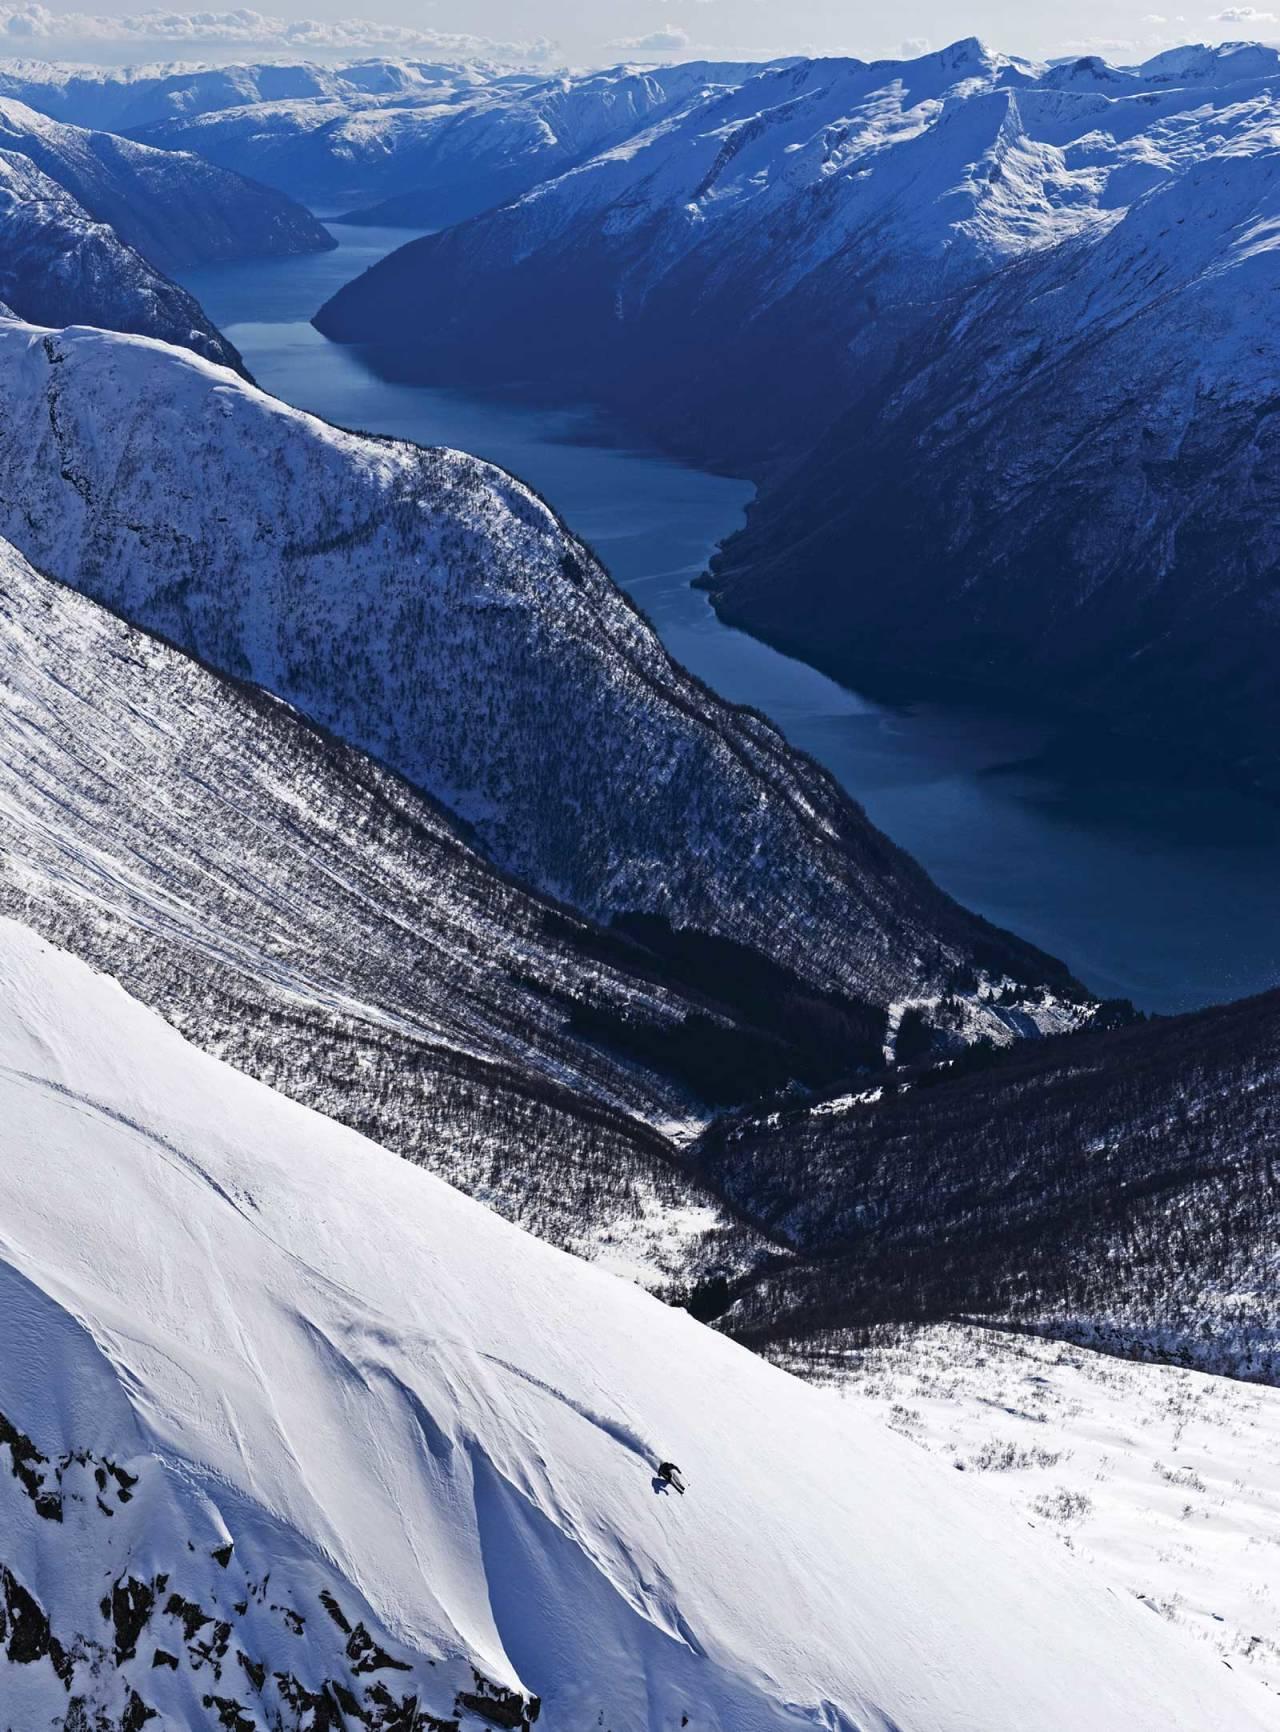 Nordvestryggen på Nyastølseggi. Skogen på Kløvingahaugen mot fjorden. Foto: Mattias Fredriksson